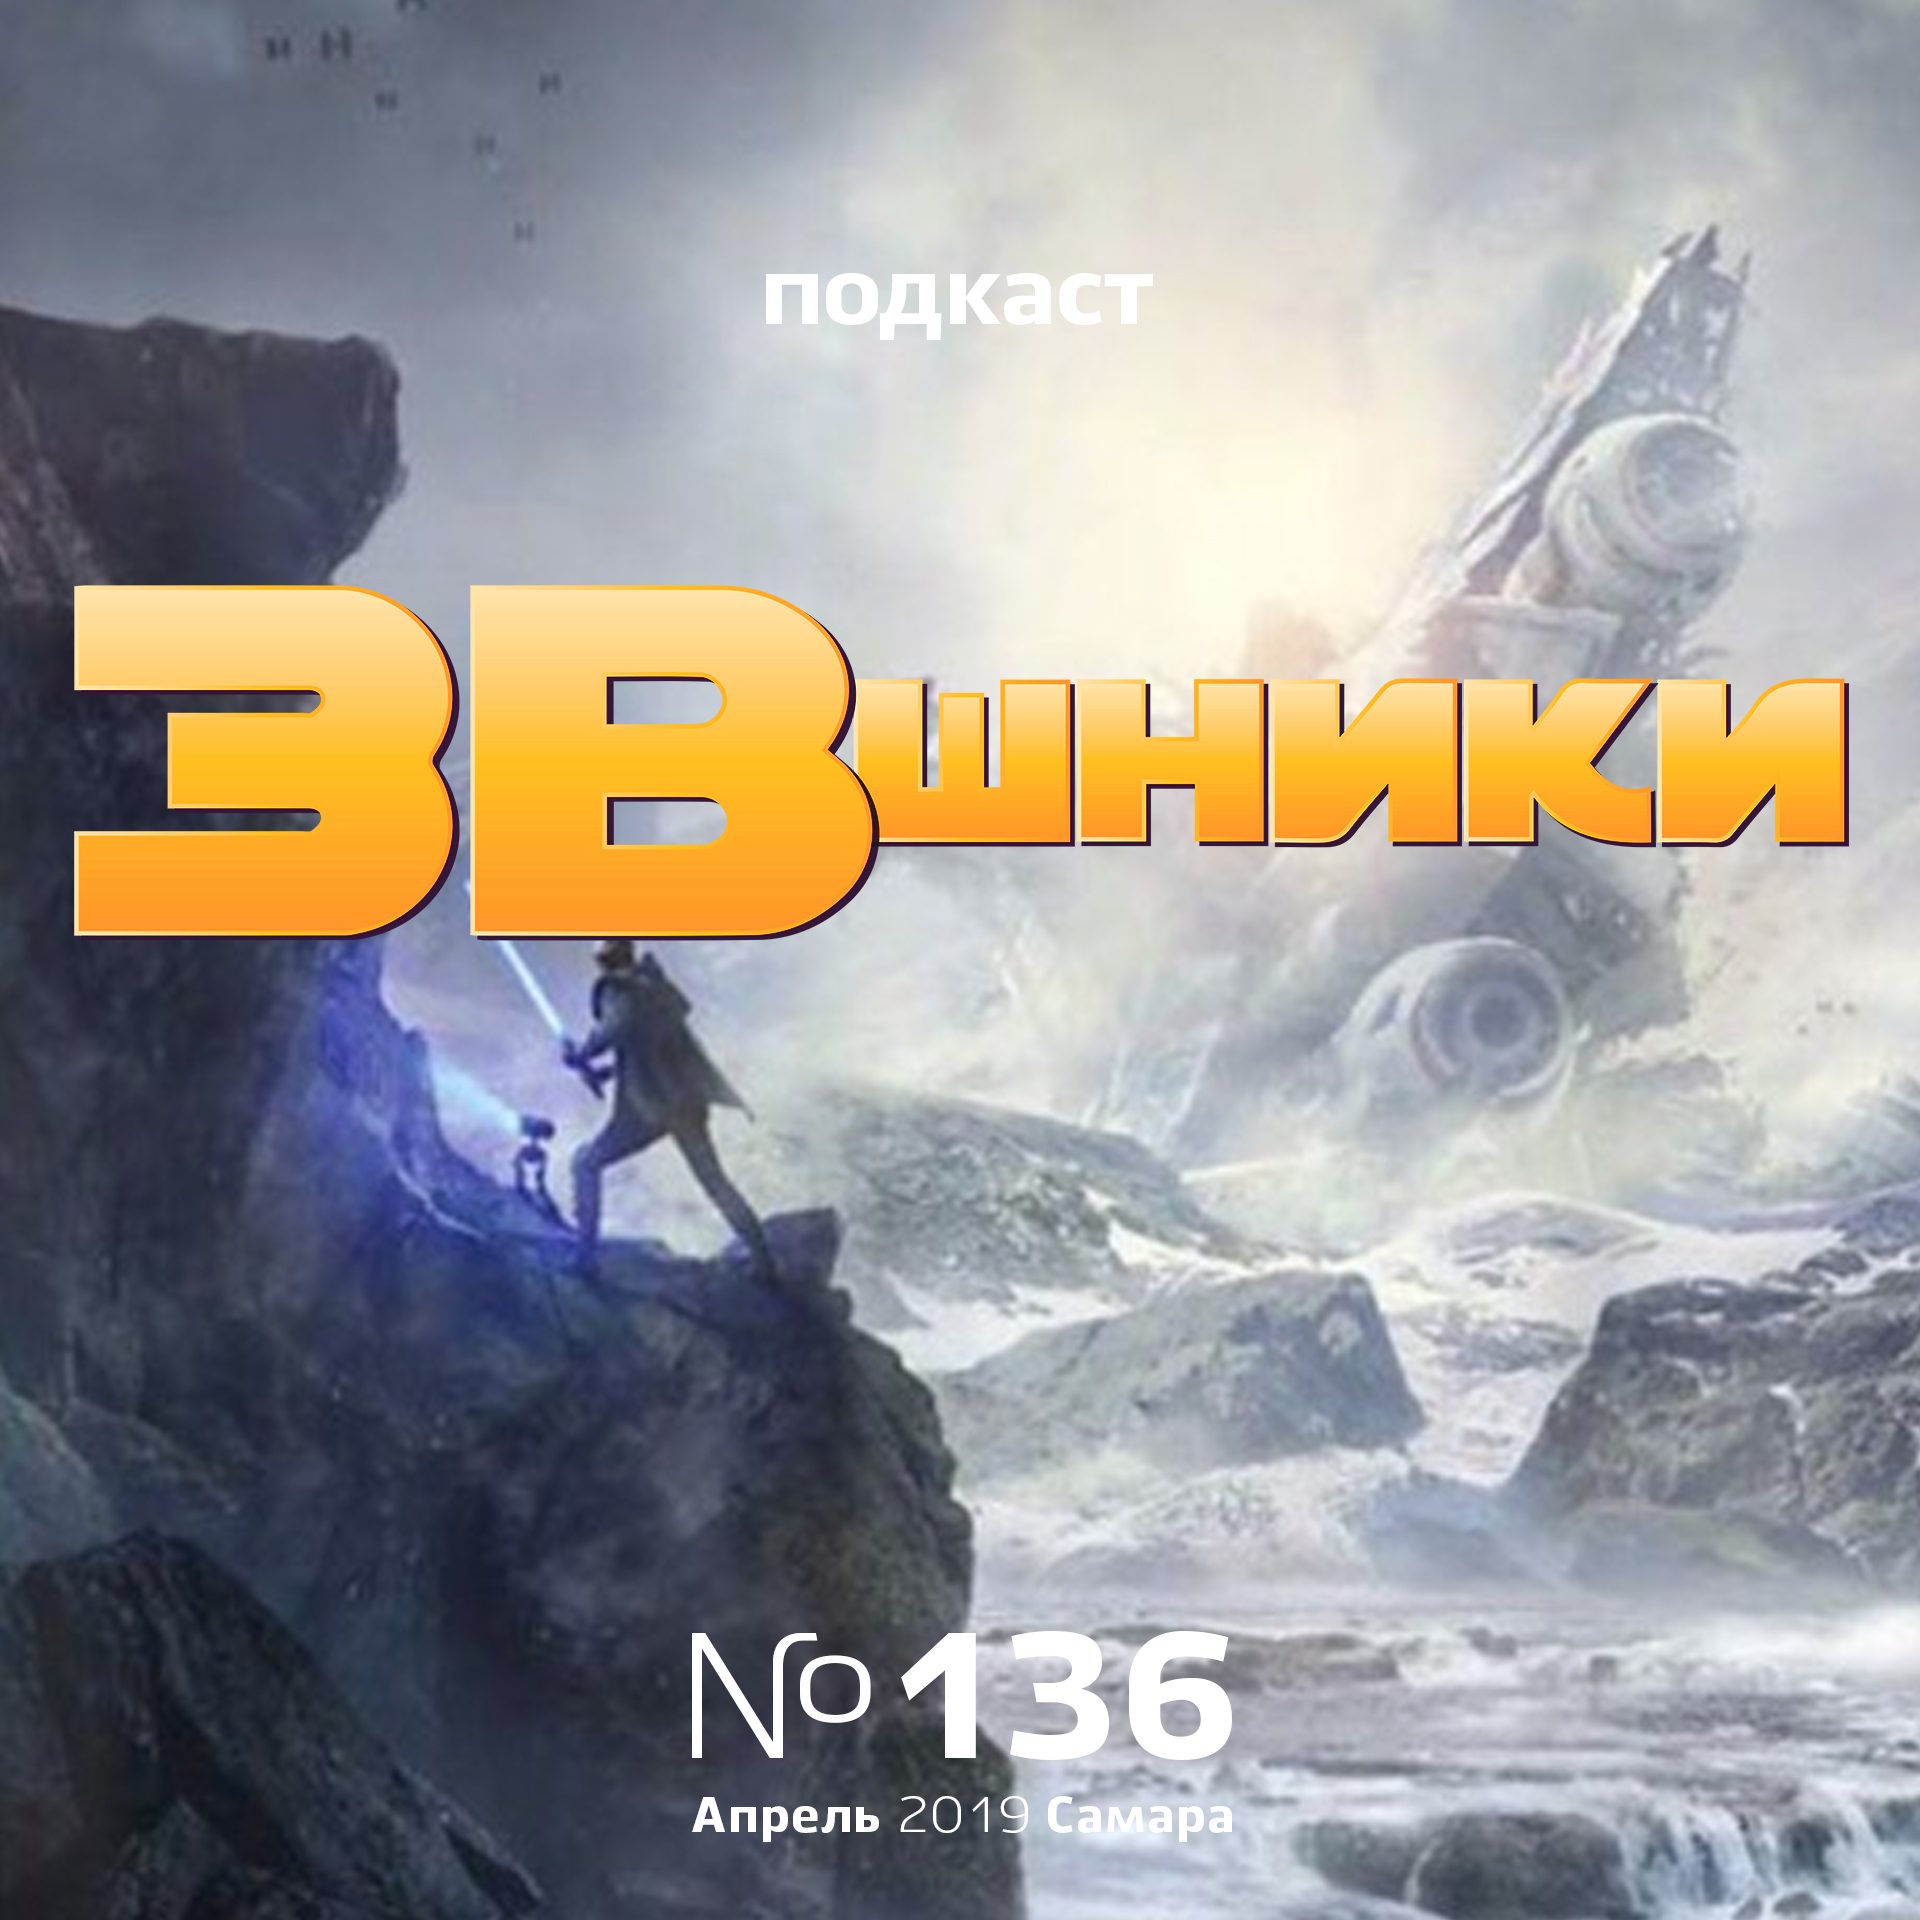 Подкаст «ЗВшники», выпуск 136